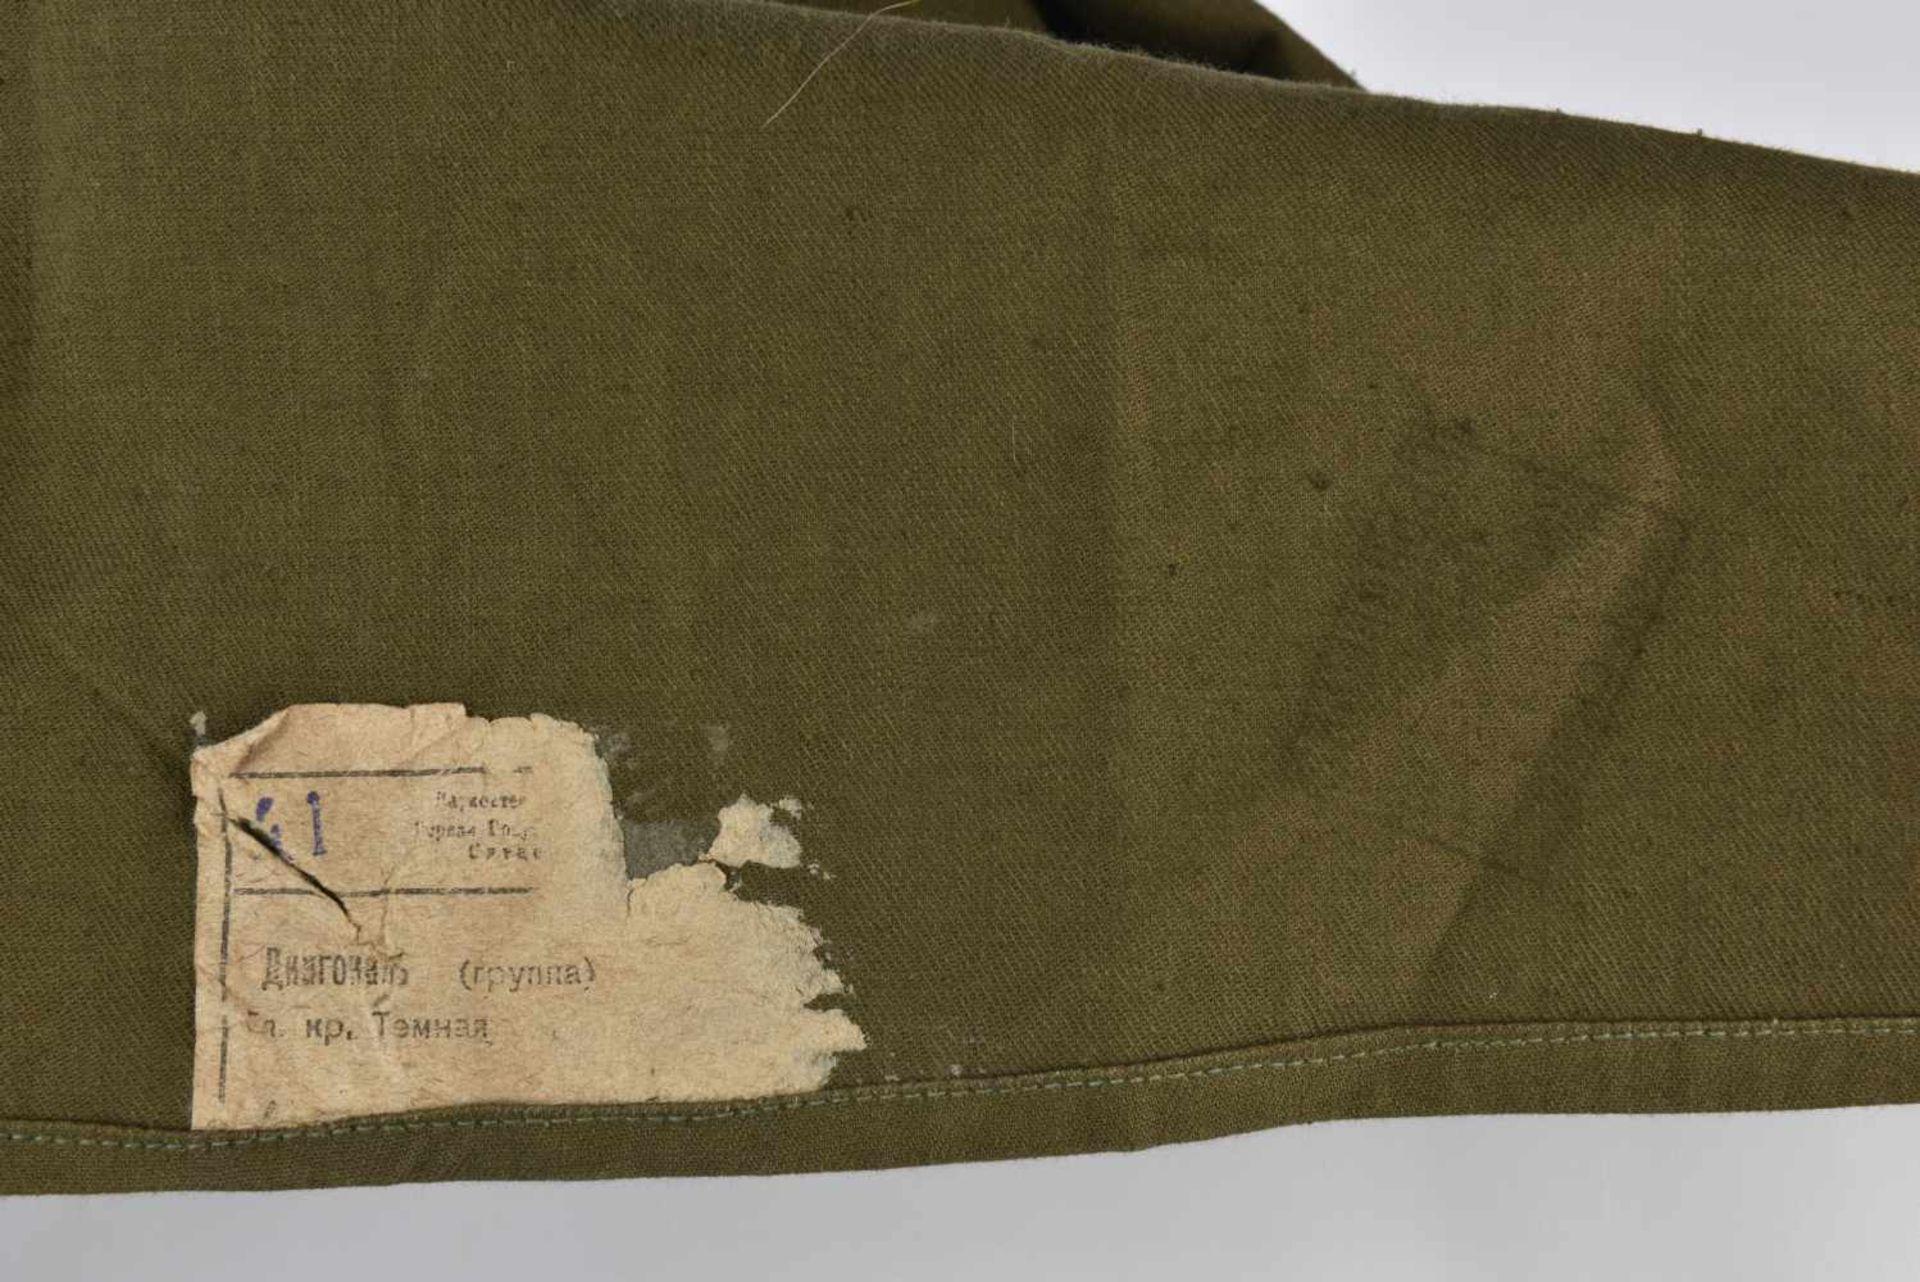 Gymnasterka M.43 modèle sans poches, avec pattes de col d'un soldat de l'artillerie. Très belle et - Bild 2 aus 4